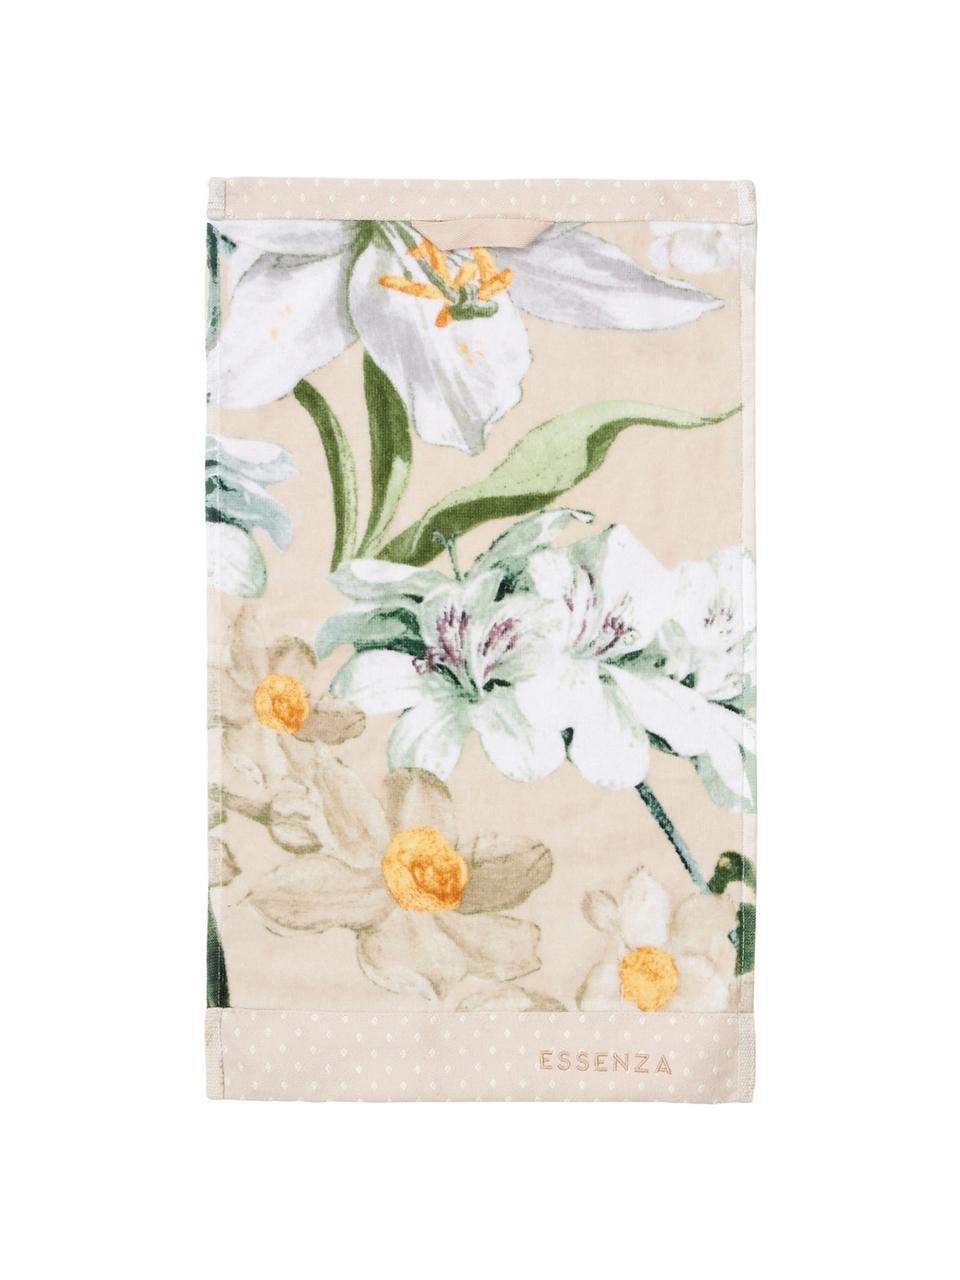 Handtuch Rosalee in verschiedenen Größen, mit Blumen-Muster, 100% Bio-Baumwolle, GOTS-zertifiziert, Beige, Weiß, Grün, Orange, Gästehandtuch